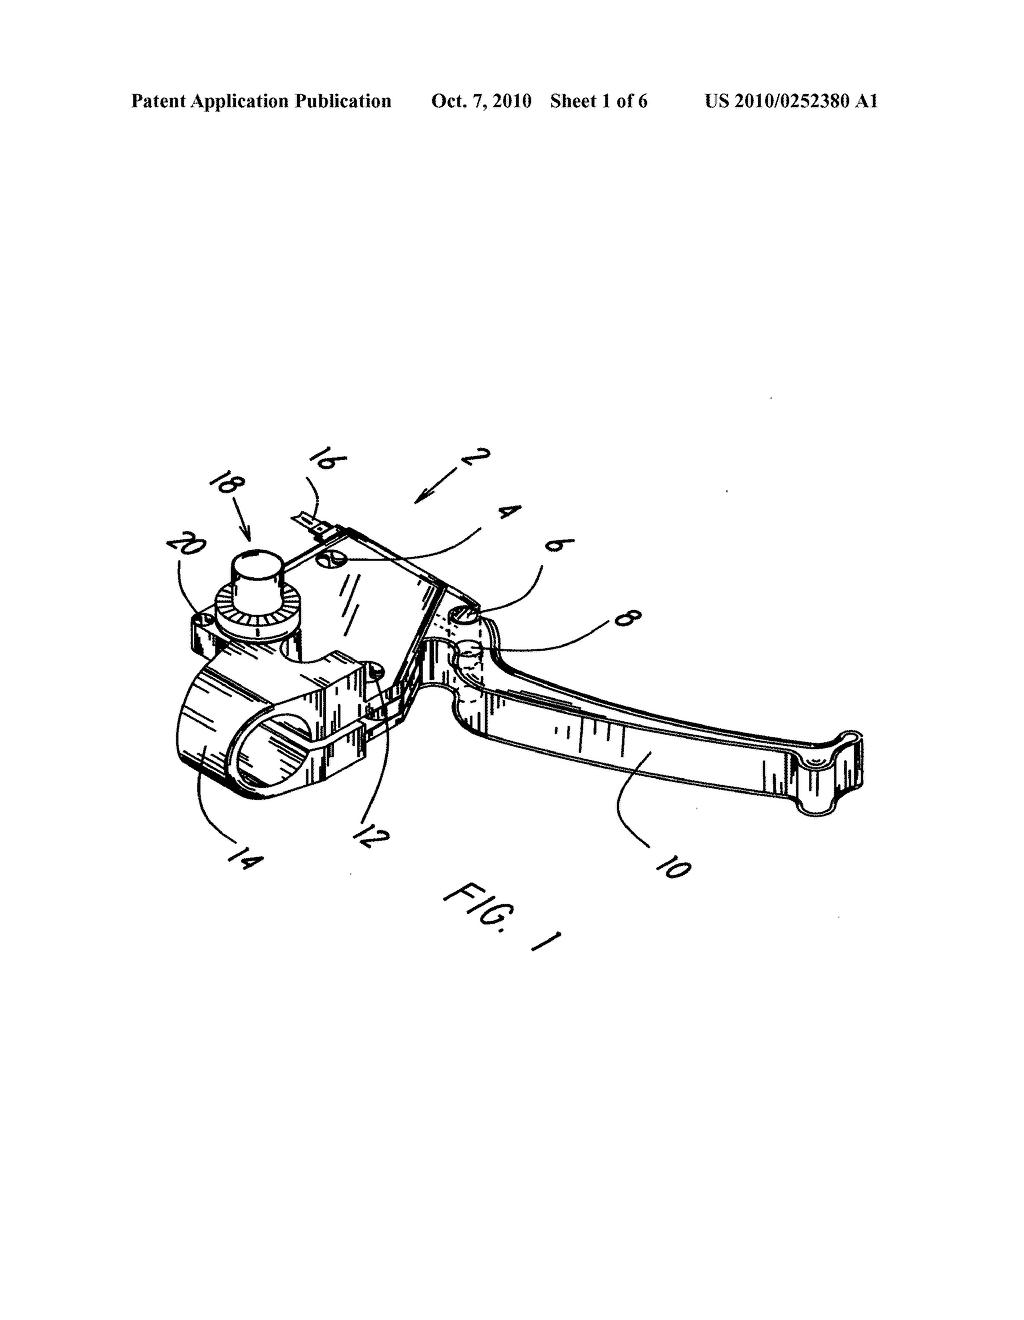 Motorcycle Brake Diagram